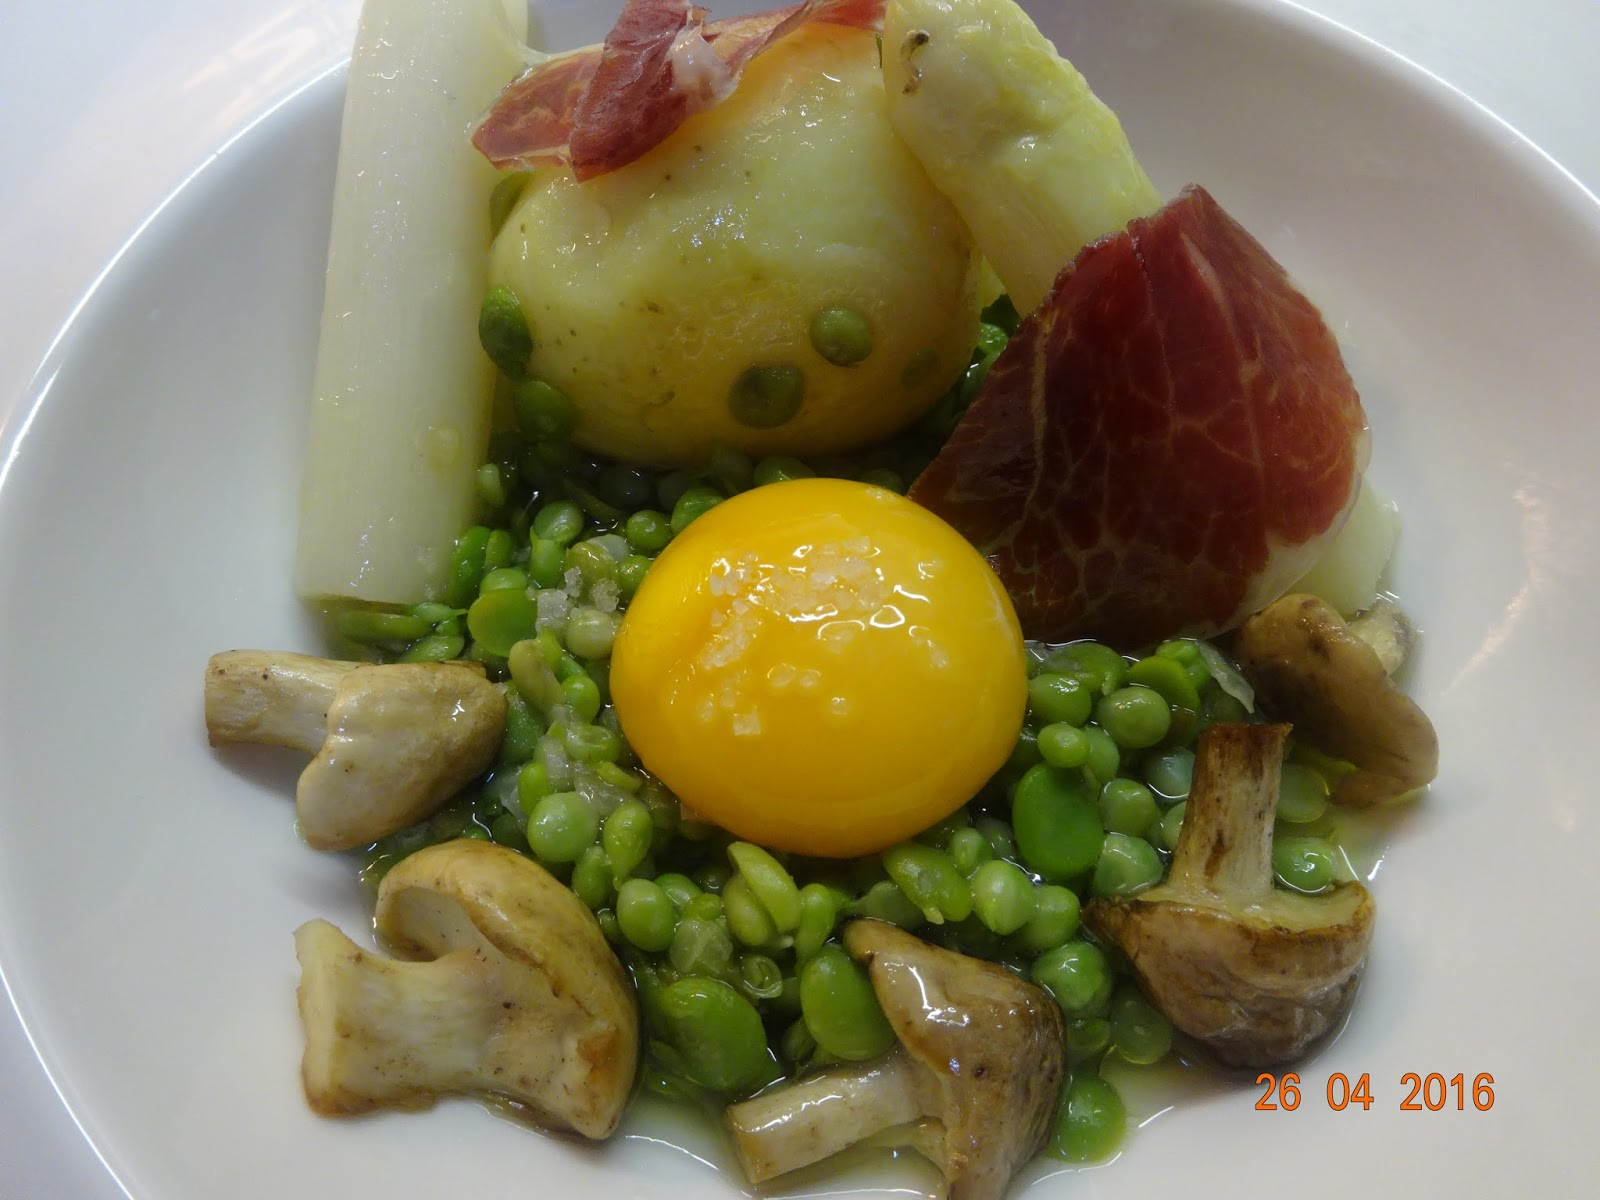 Cocinar es un sentimiento guisantes lagrima habitas for Cocinar yema de huevo